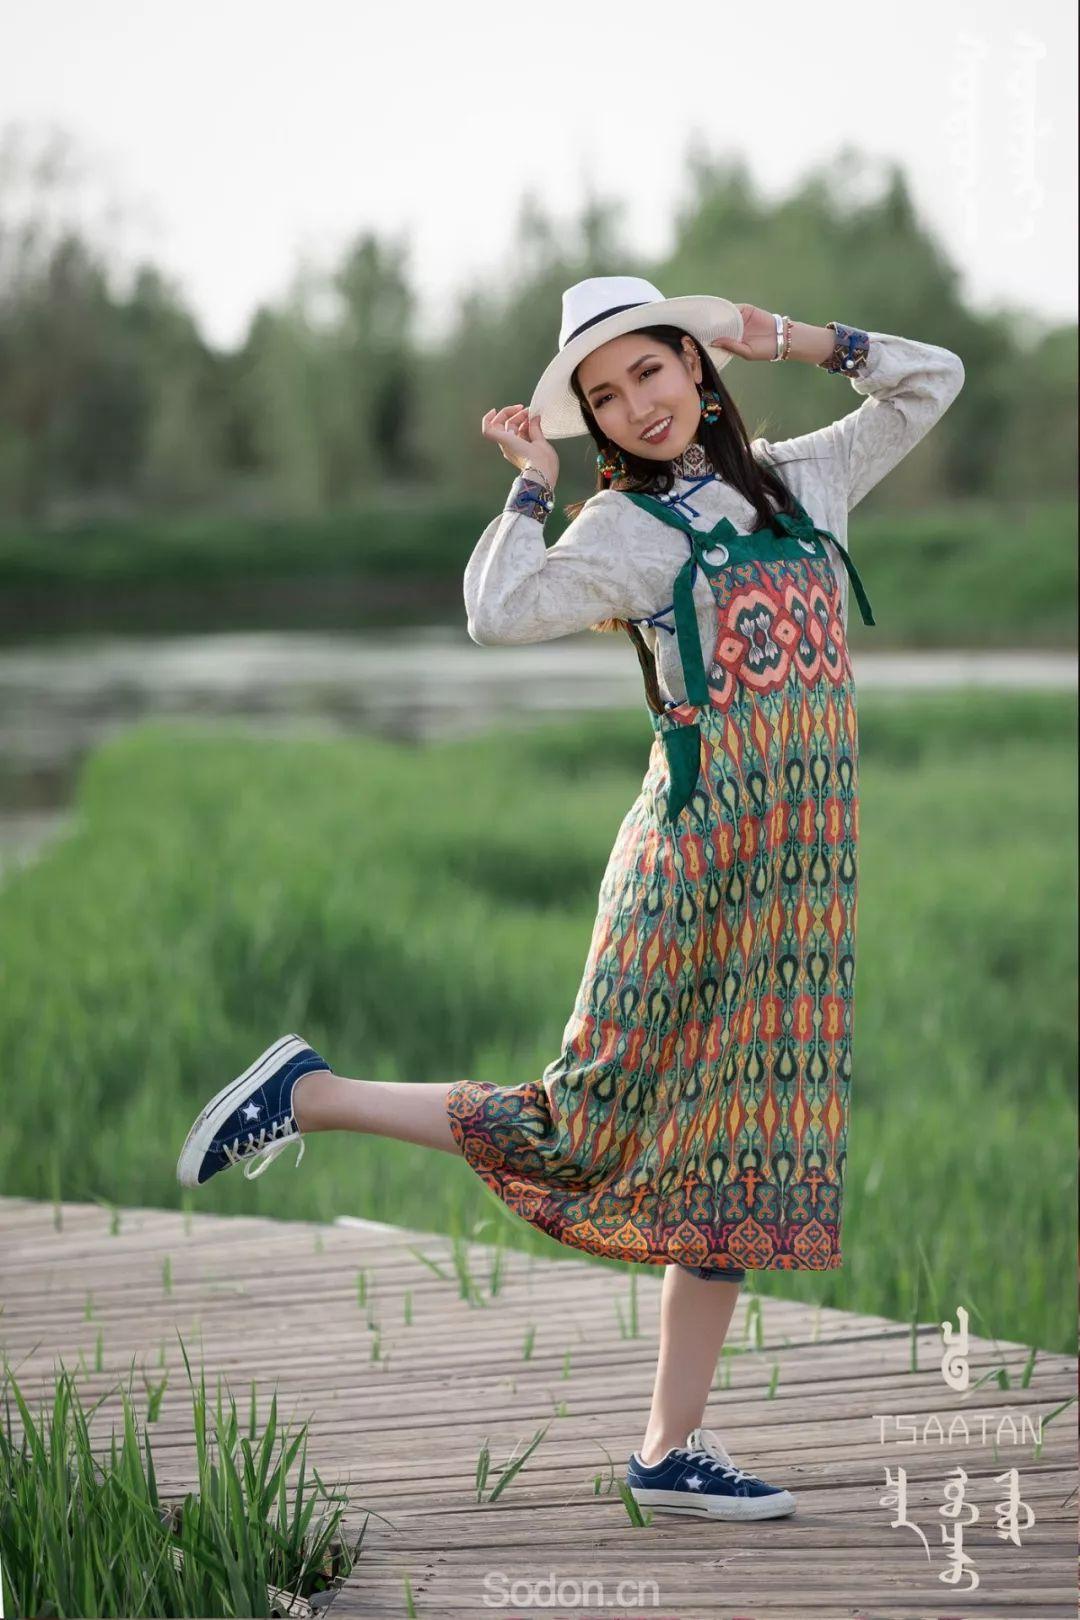 TSAATAN蒙古时装 2019新款,来自驯鹿人的独特魅力! 第77张